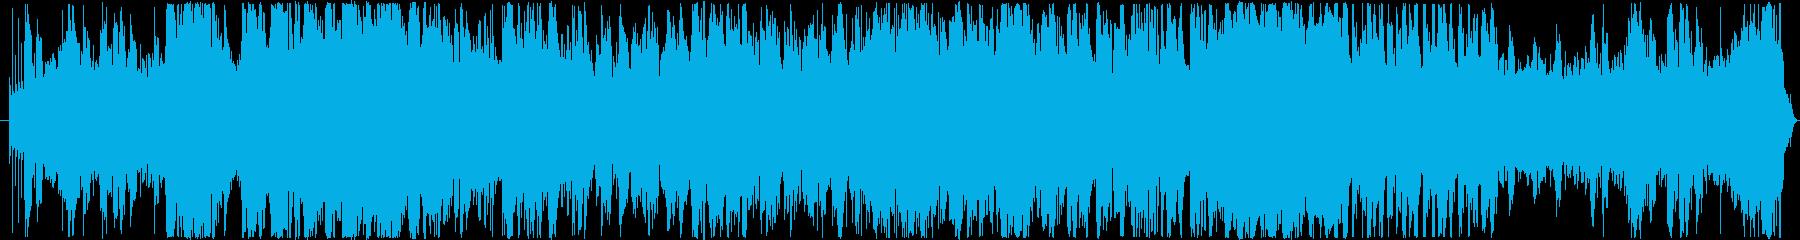 エレキとストリングスのかっこいいループ曲の再生済みの波形